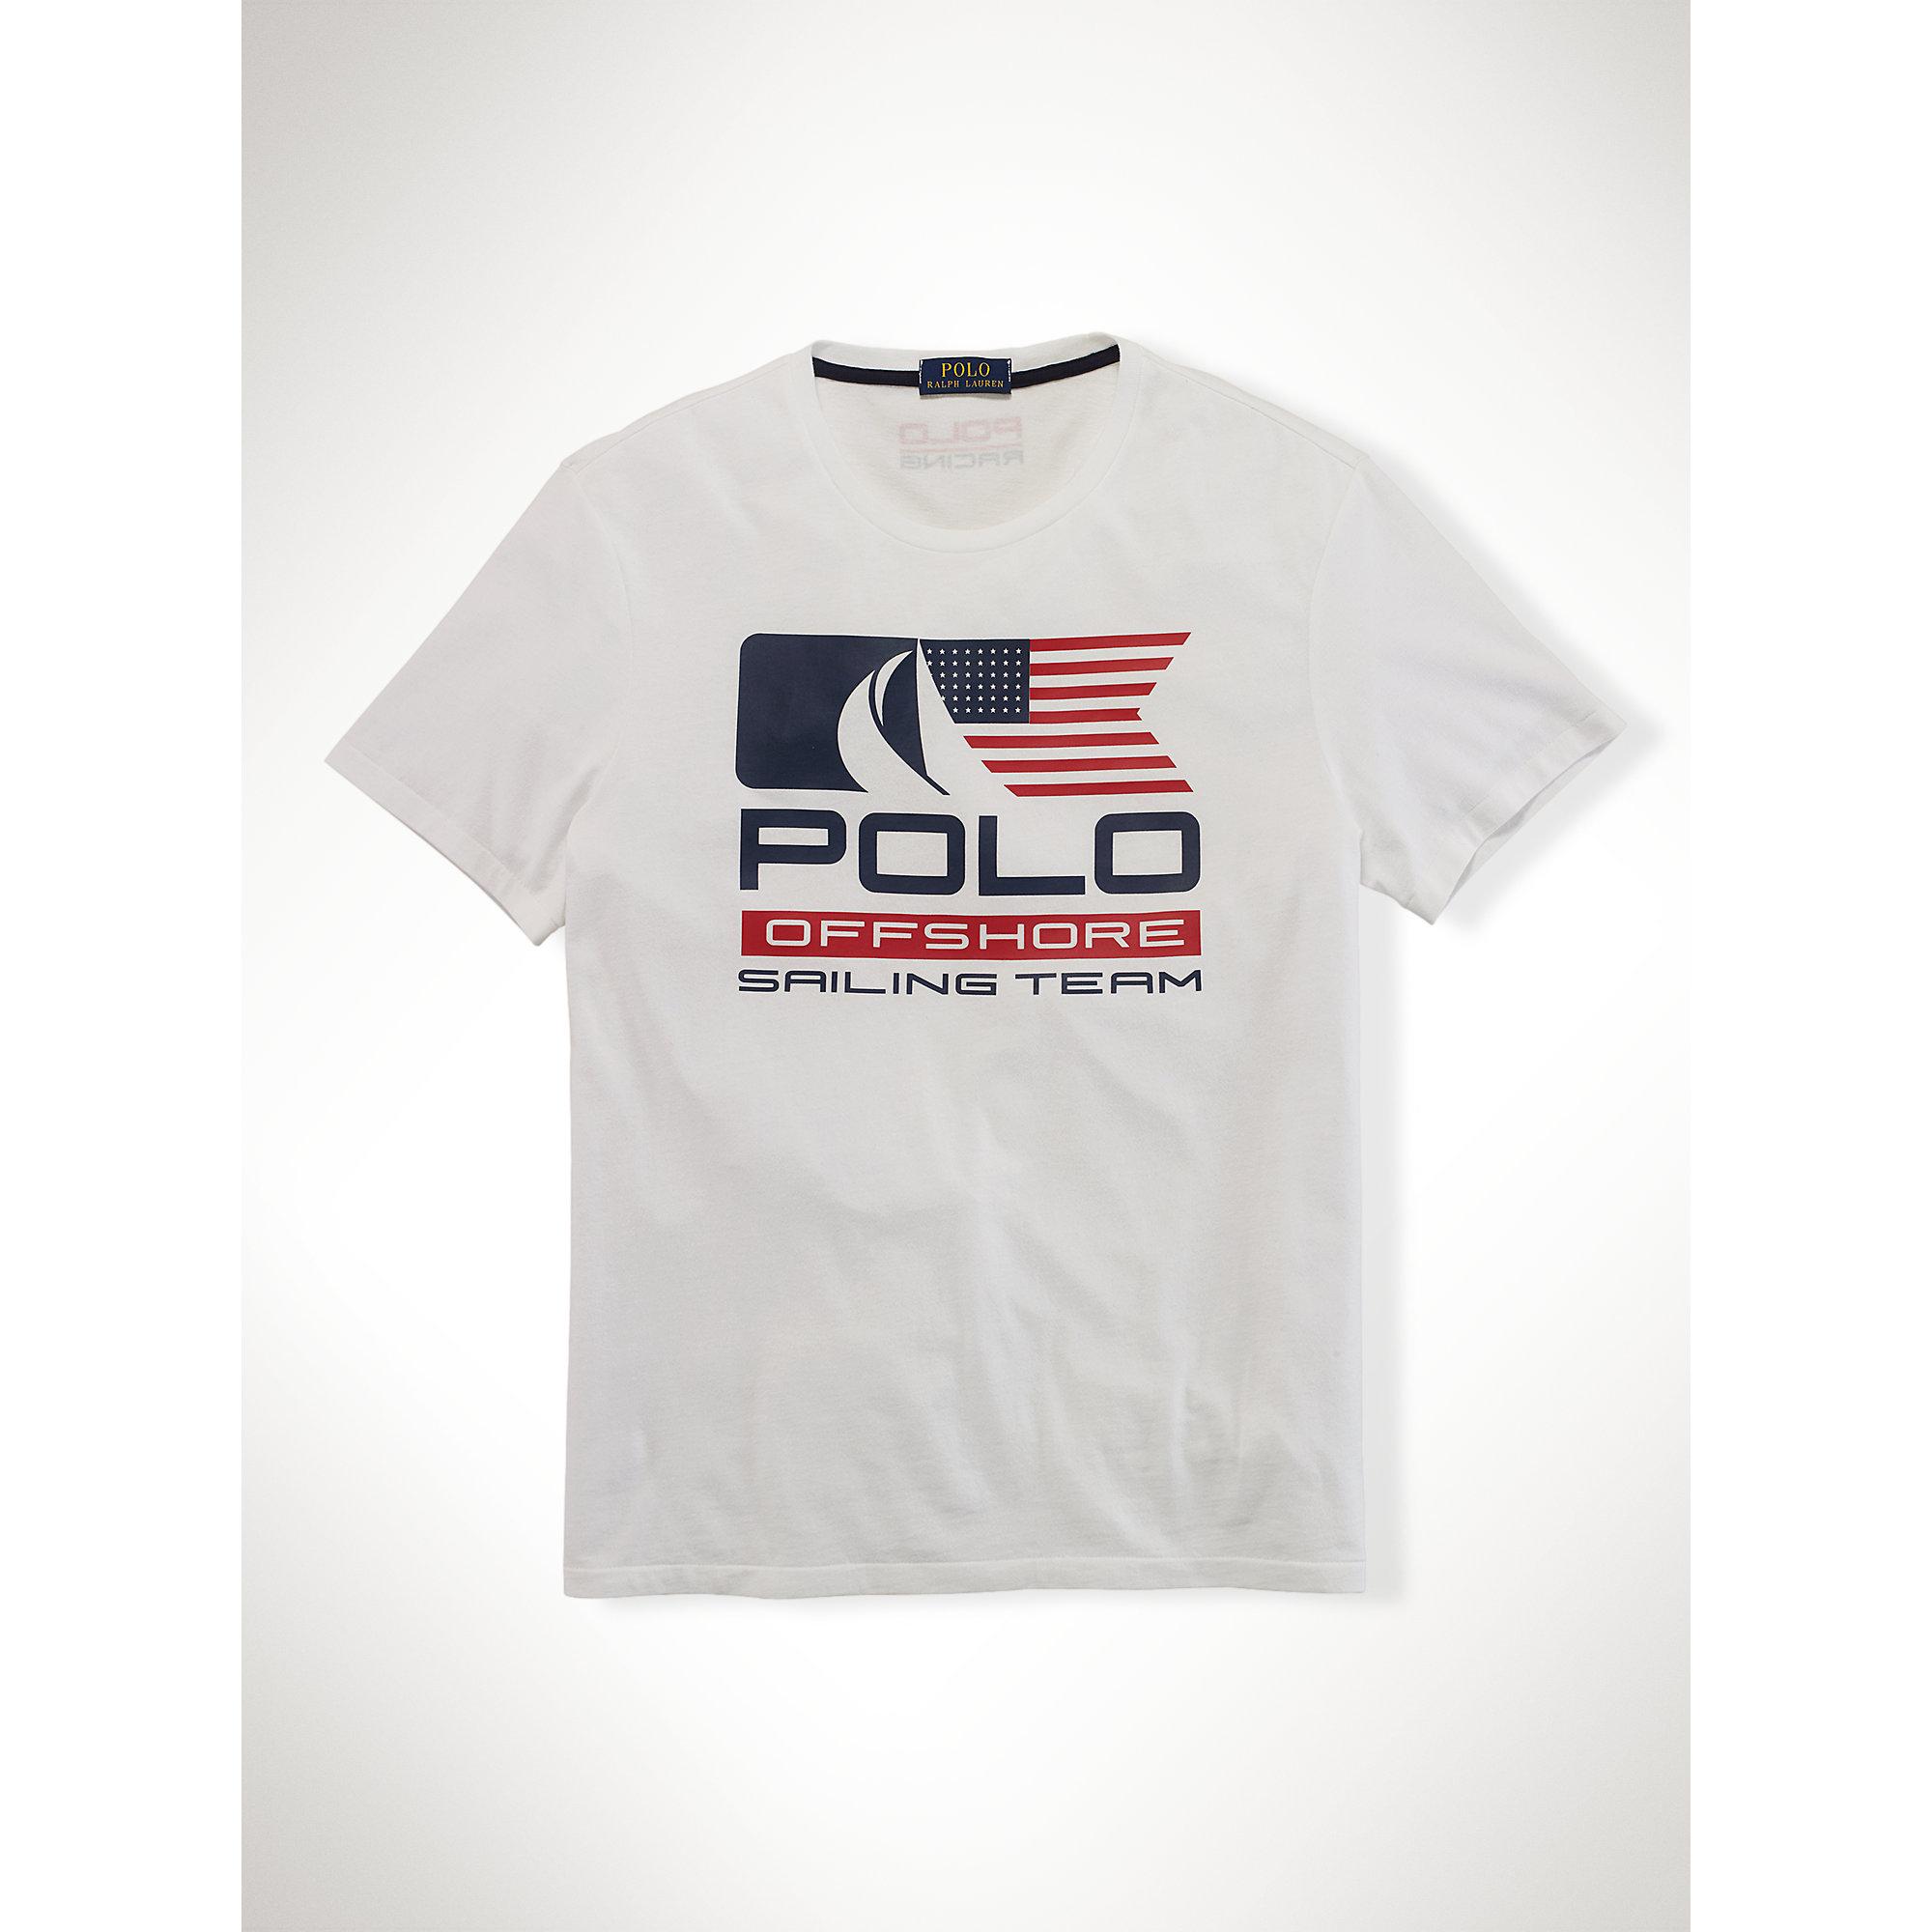 Polo ralph lauren sailing team jersey t shirt in white for Ralph lauren polo jersey shirt